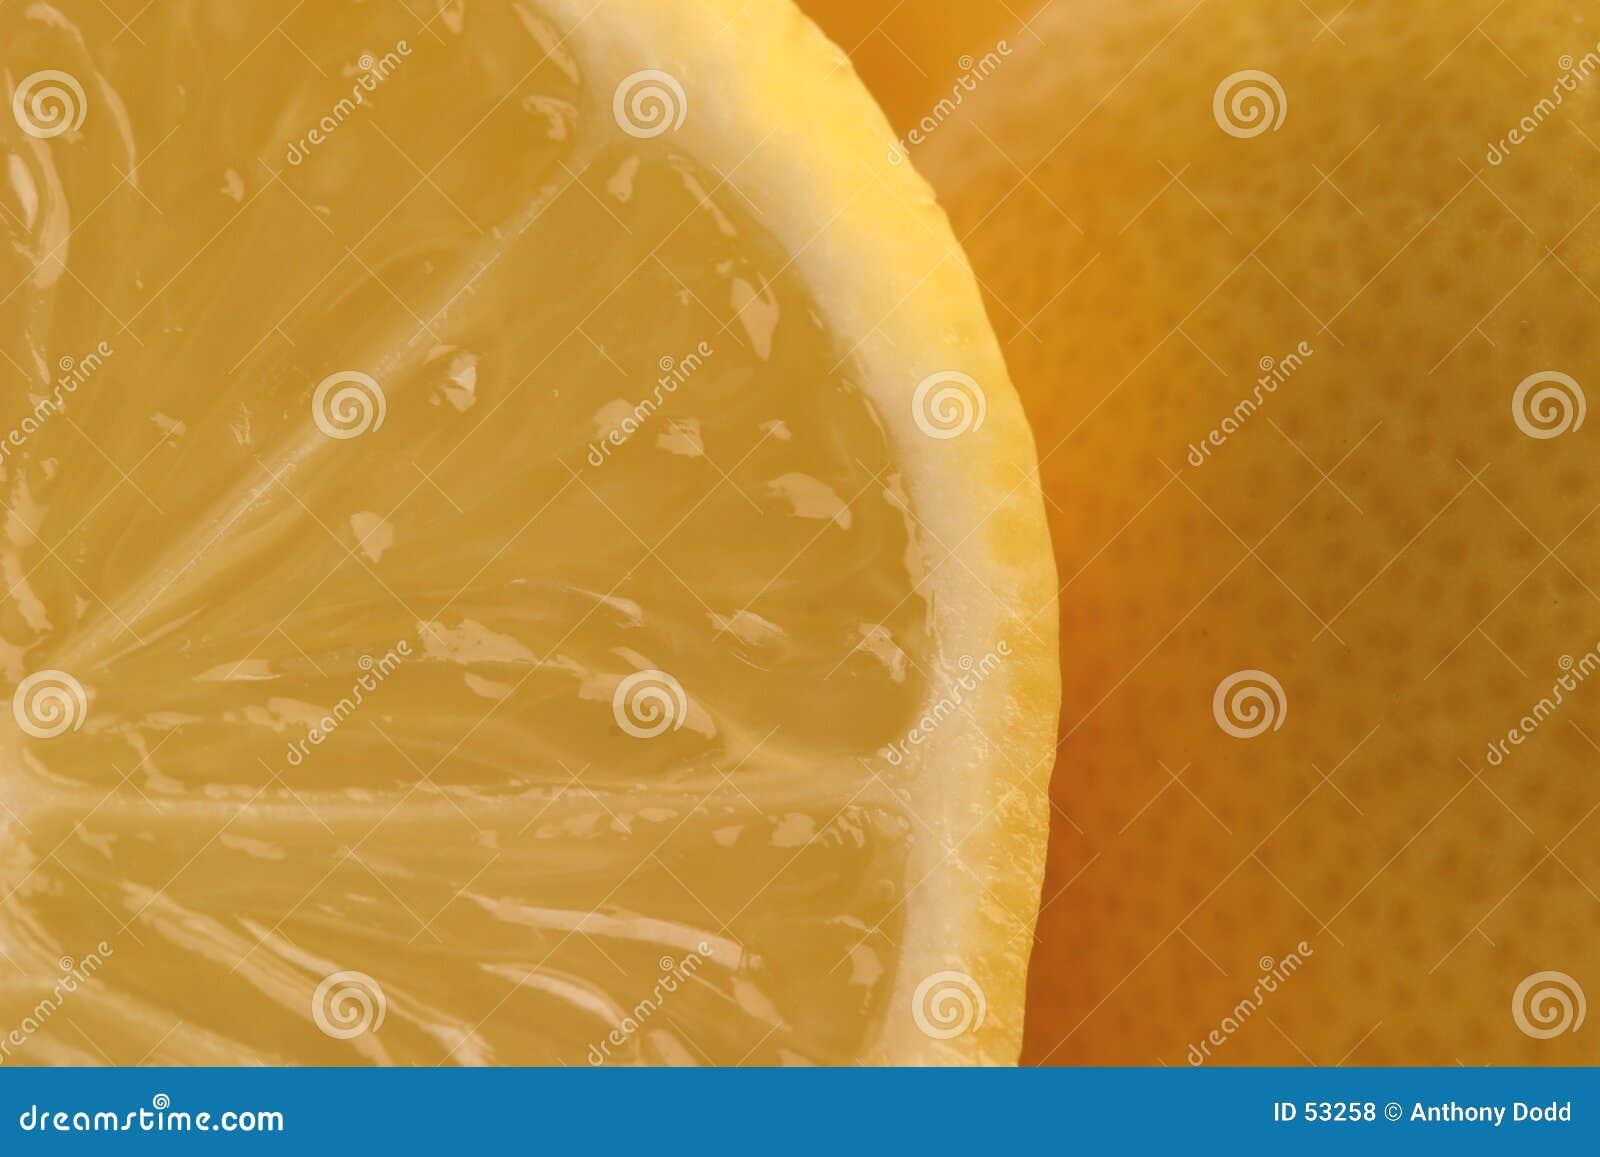 Download Segments de citron photo stock. Image du aromatique, boisson - 53258